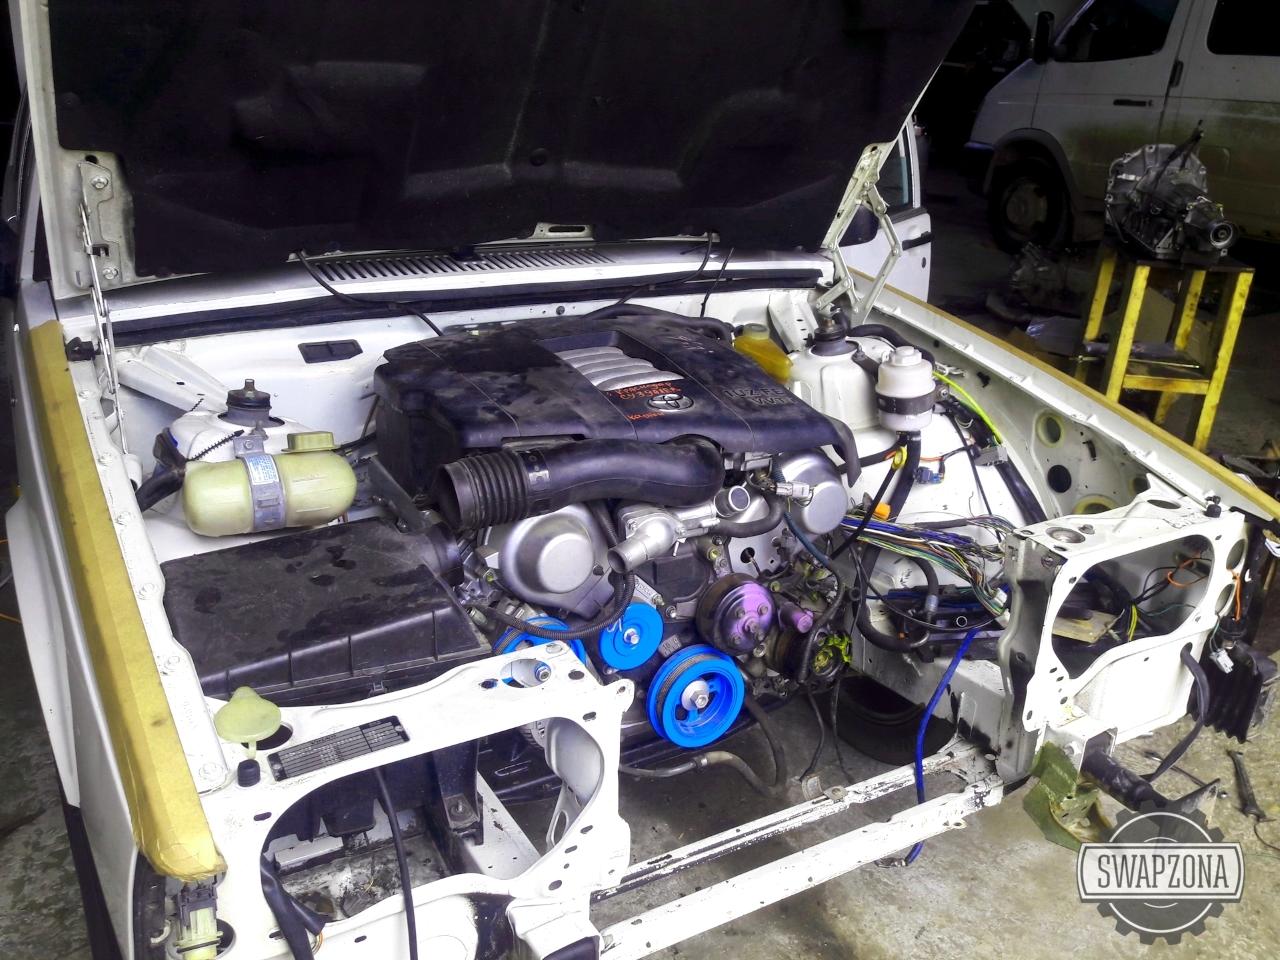 Volvo 740 с японским двигателем V8 Toyota 1UZ-FE АКПП swap